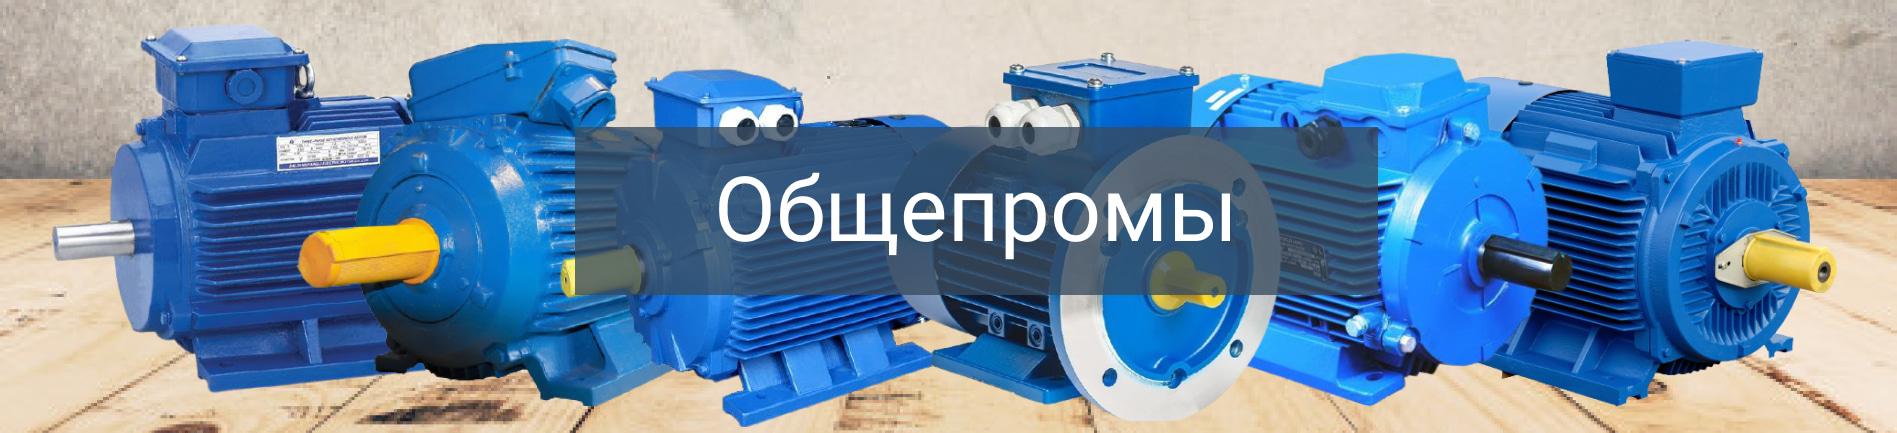 Общепромышленные электродвигатели 110 квт